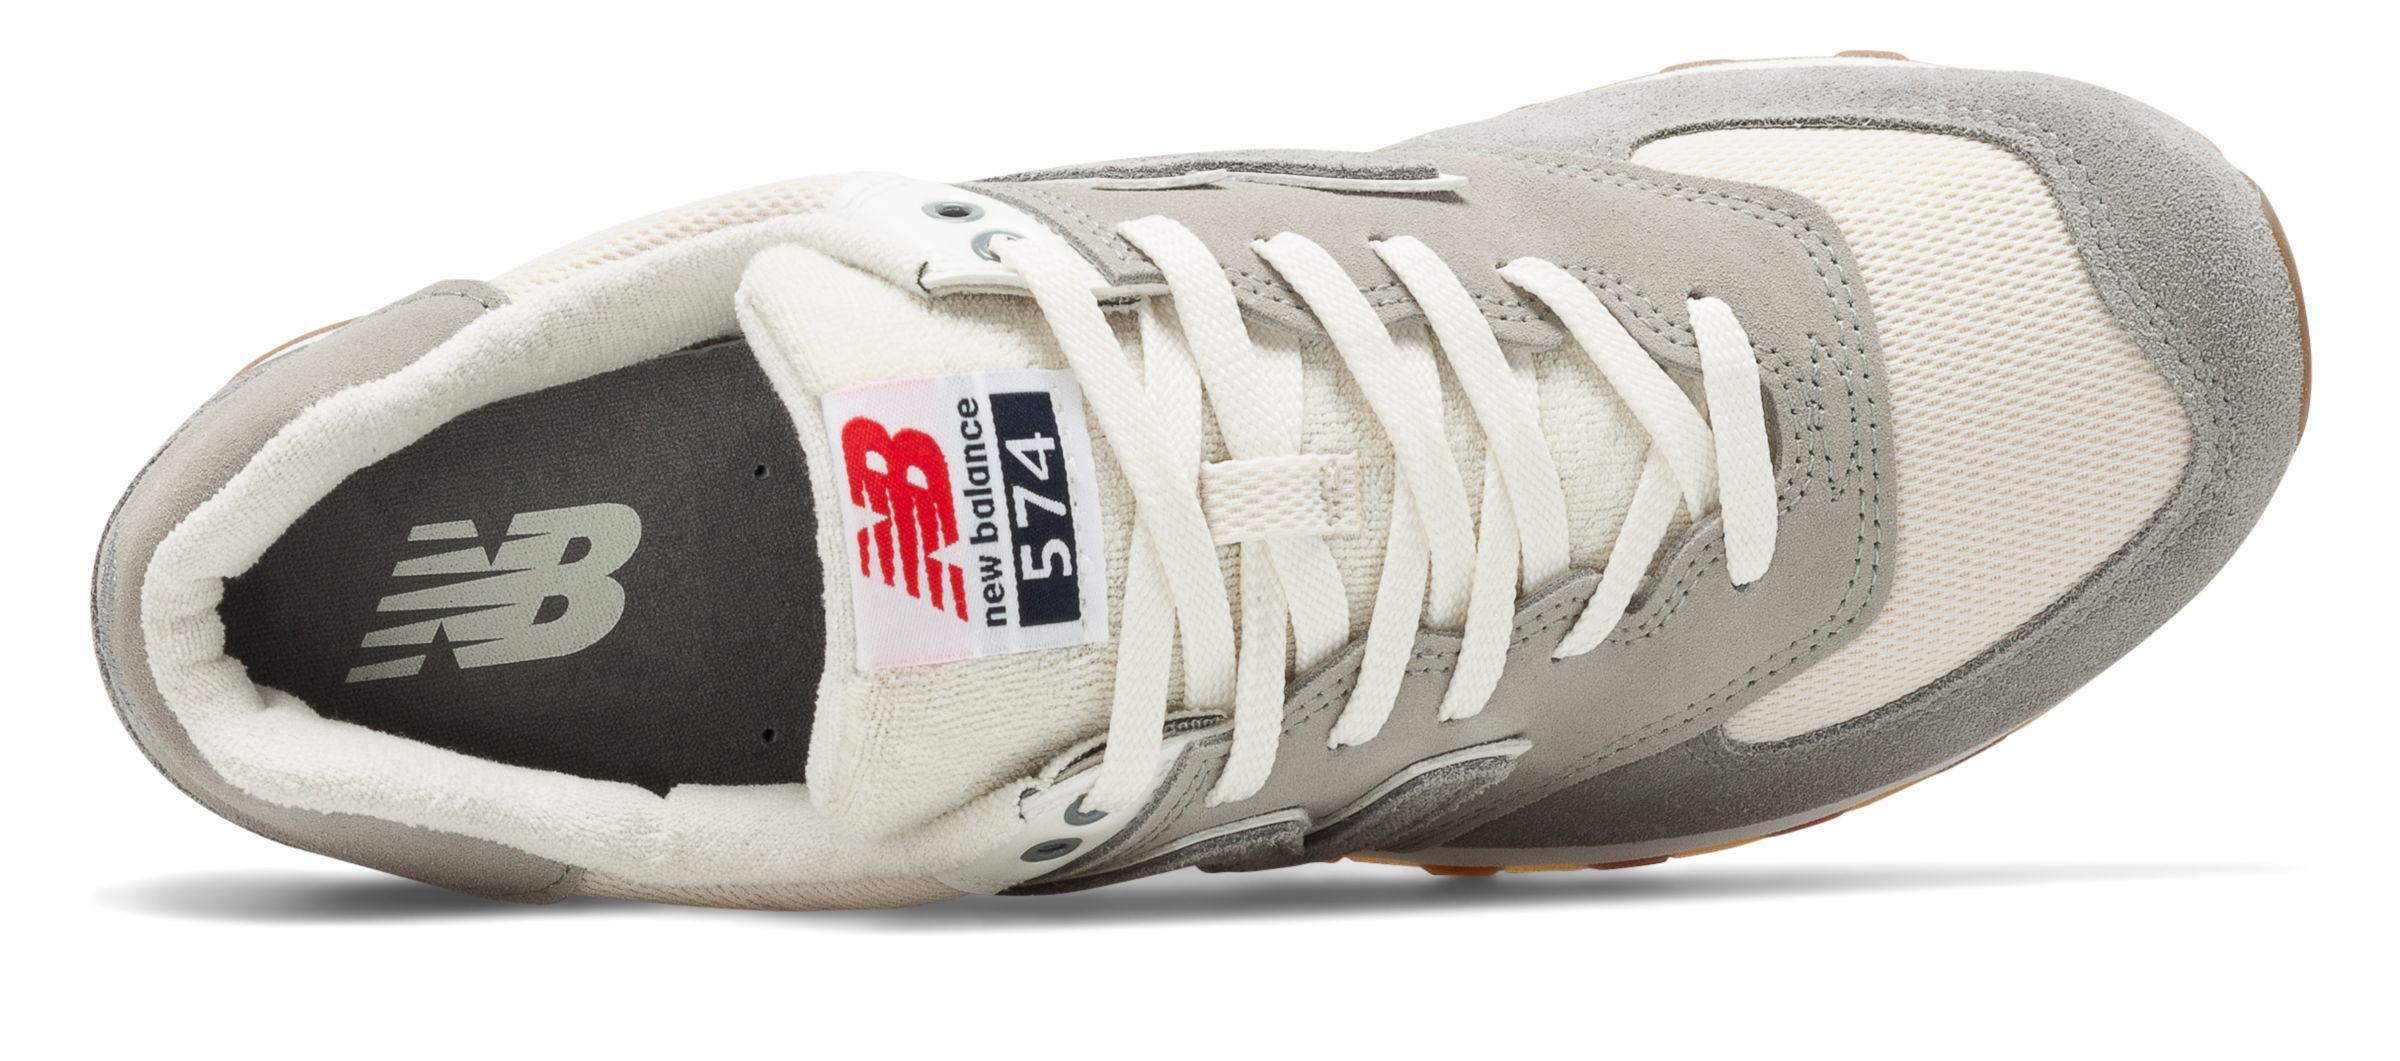 New Balance Suede 574 Retro Sport for